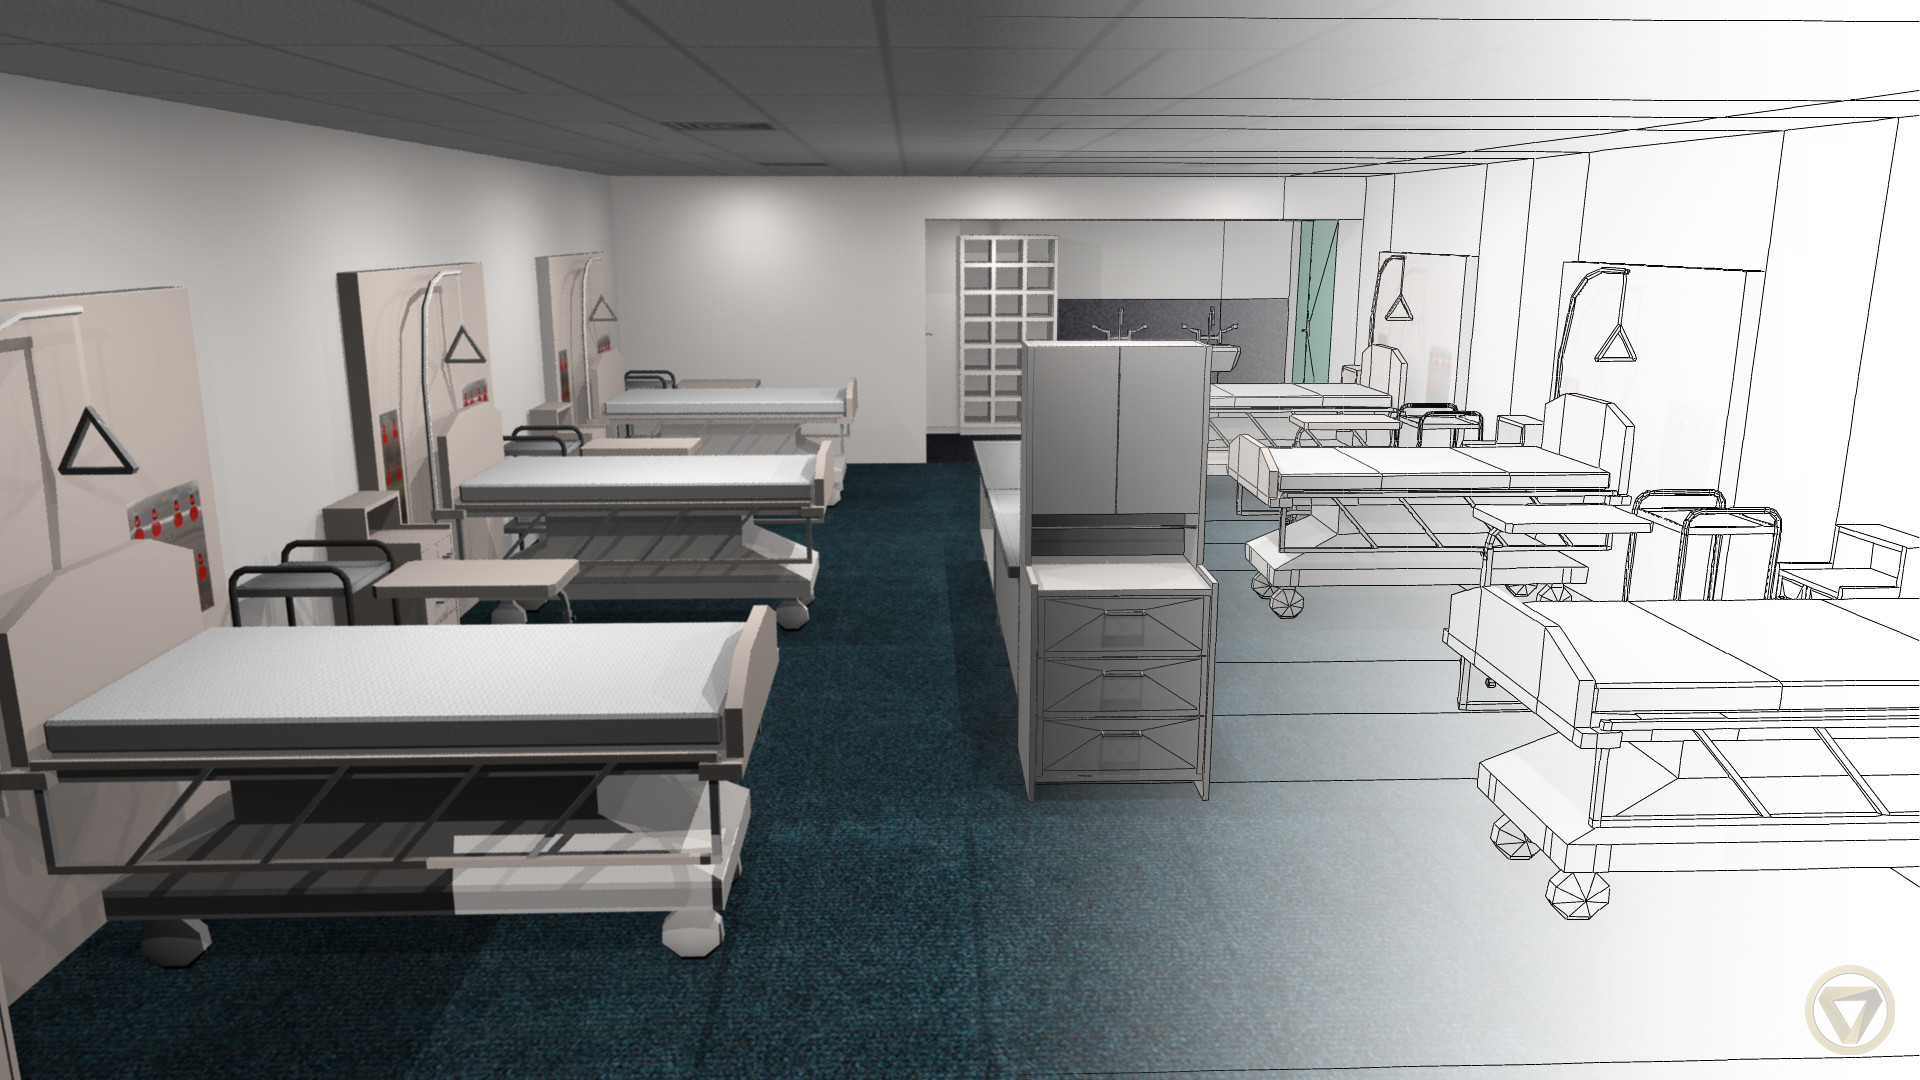 Caine lanigan nursing room 4